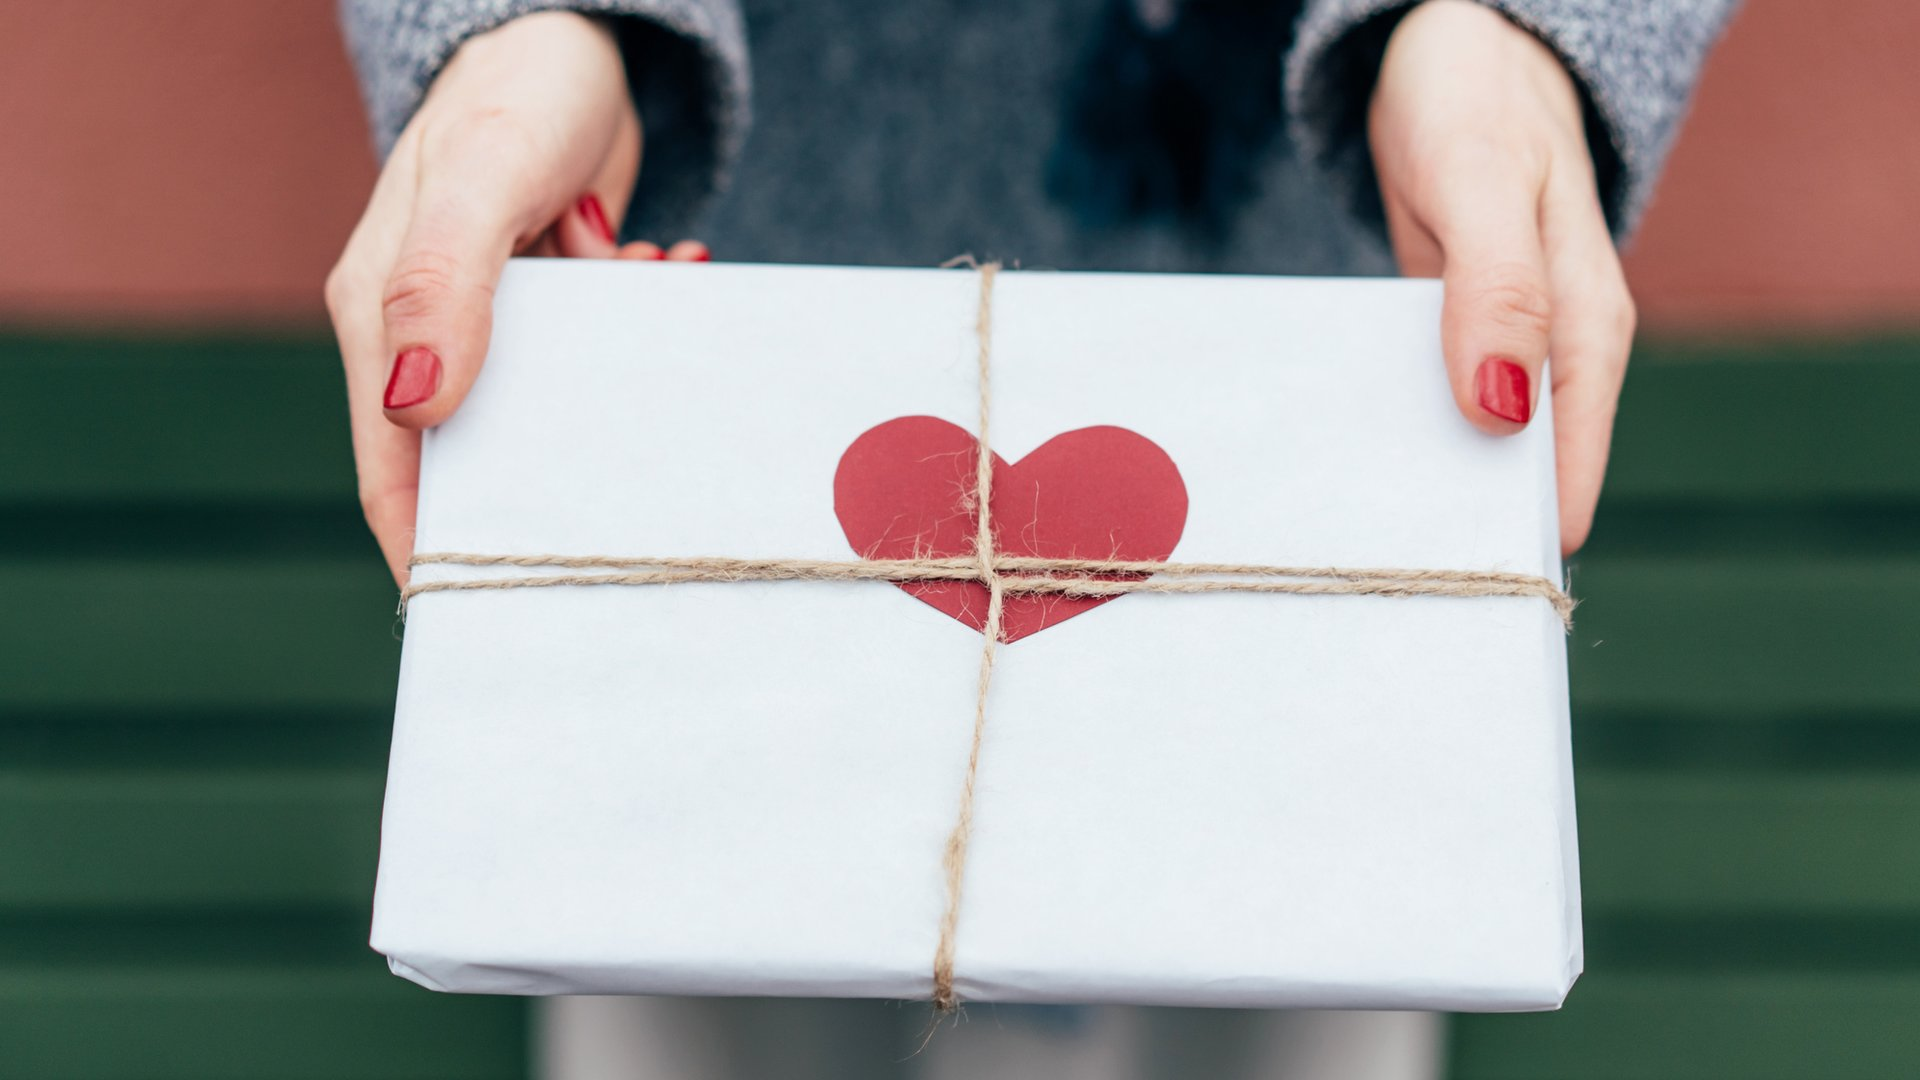 Für freunde ideen kleine geschenke Ausgefallene Hochzeitsgeschenke